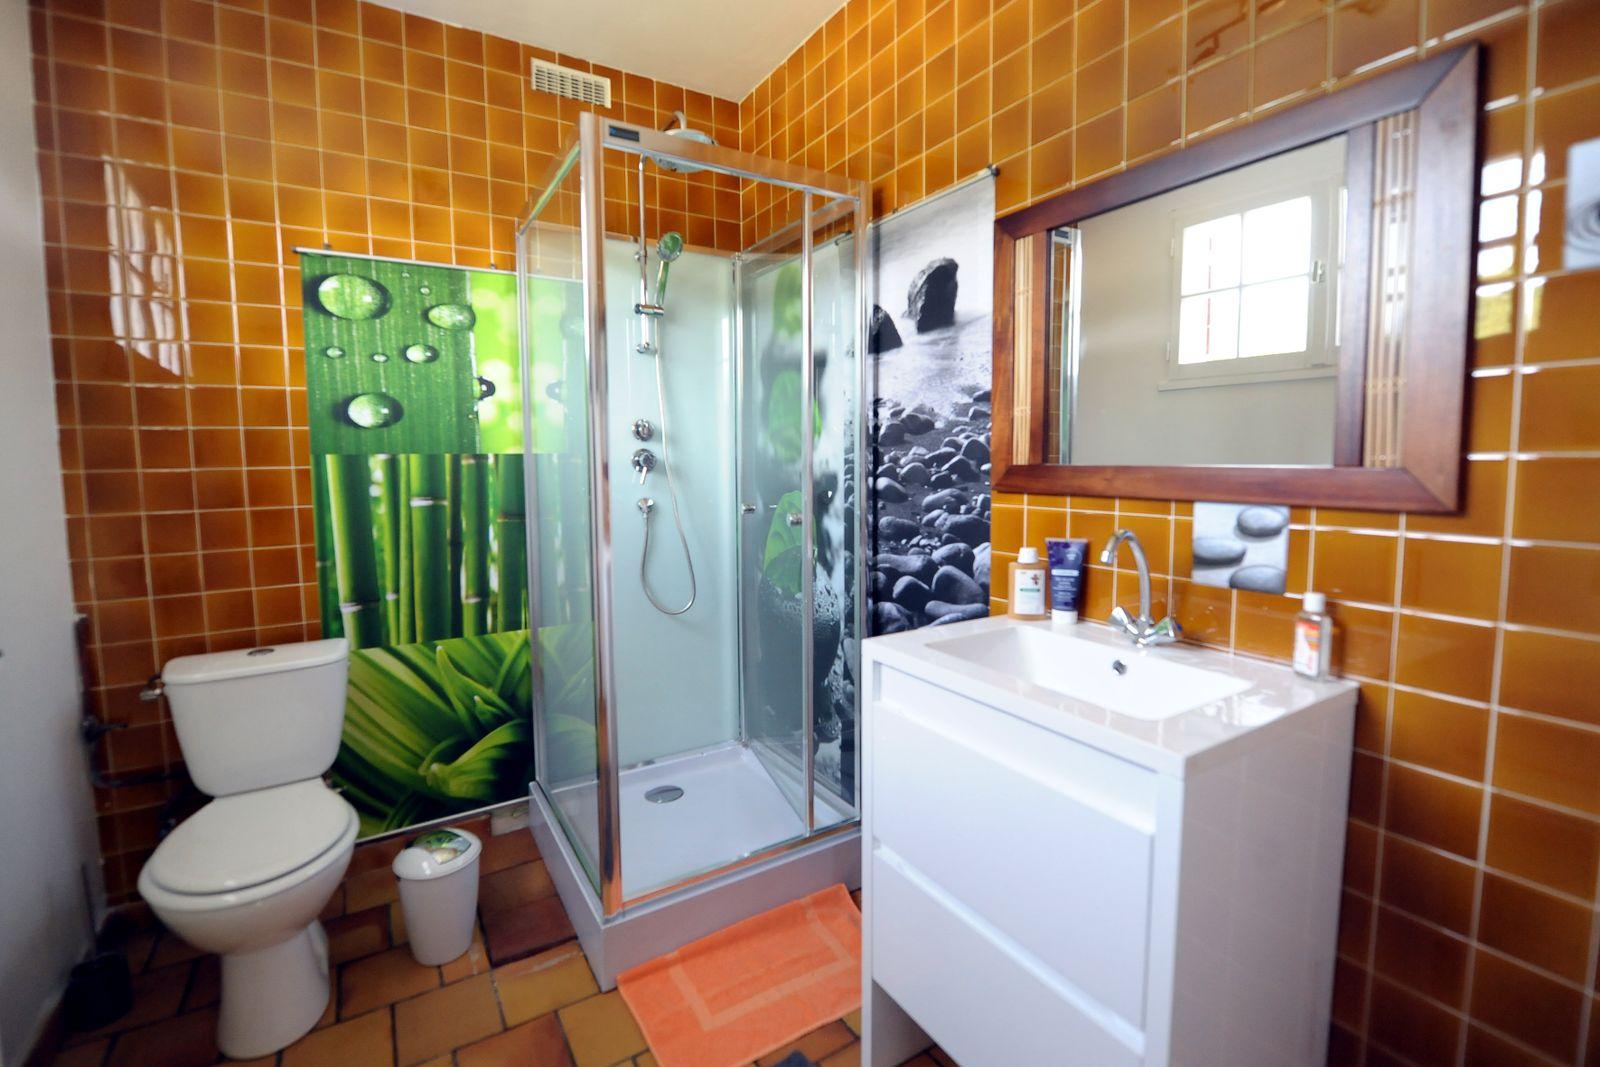 salle de bain seconde chambre rez-de-chaussé